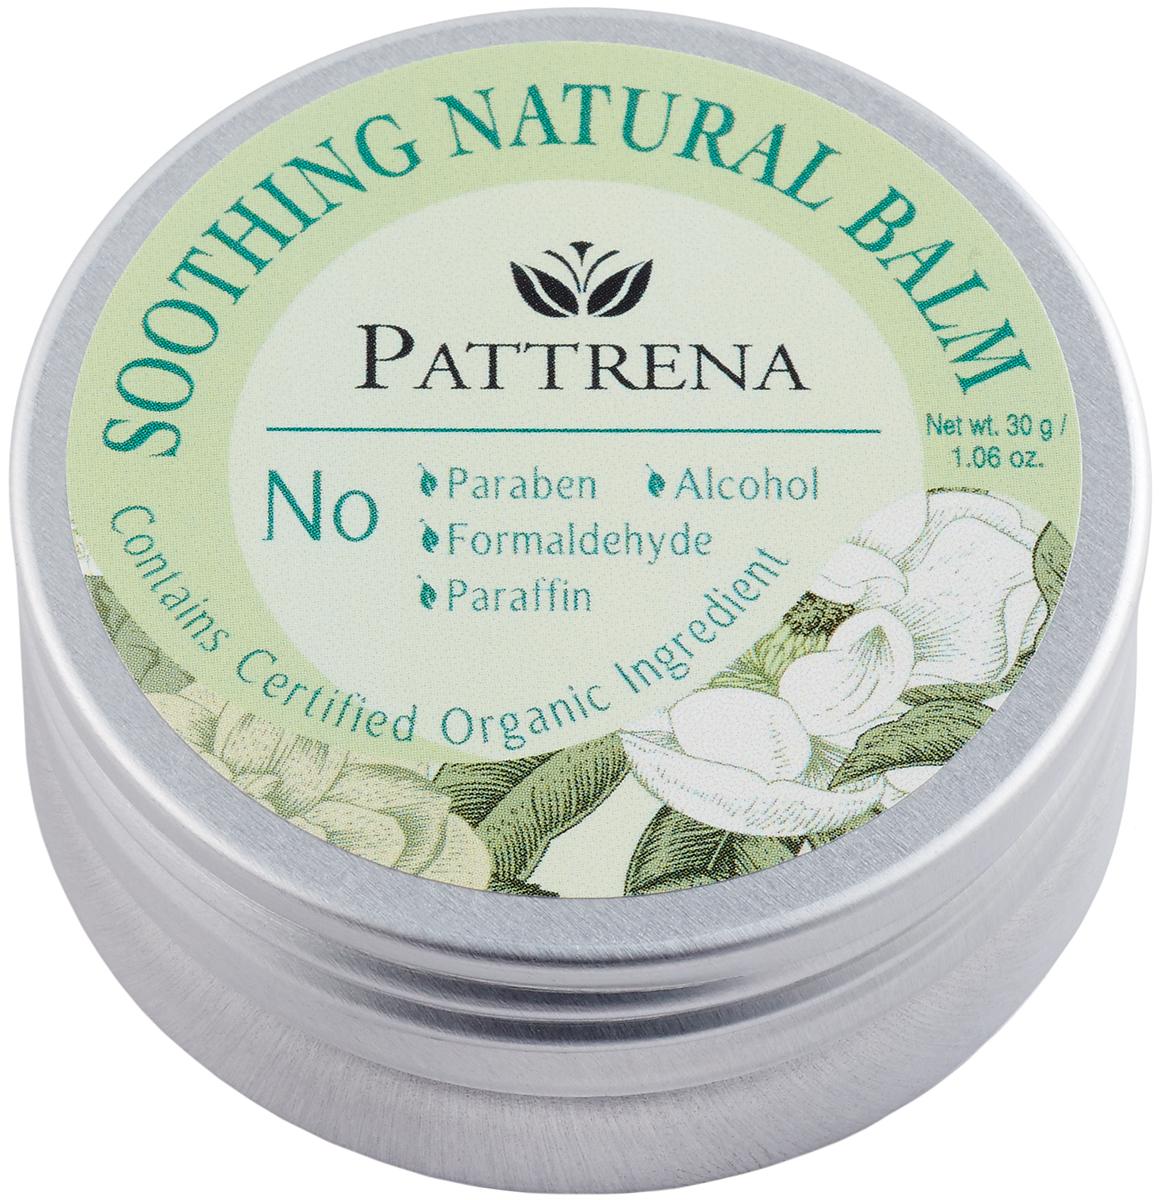 Pattrena Бальзам натуральный Успокаивающий, 30 г4665301124563Универсальный бальзам без парабенов и парафина. Обогащен различными натуральными маслами, которые эффективно содействуют появлению ощущения расслабленности на коже.